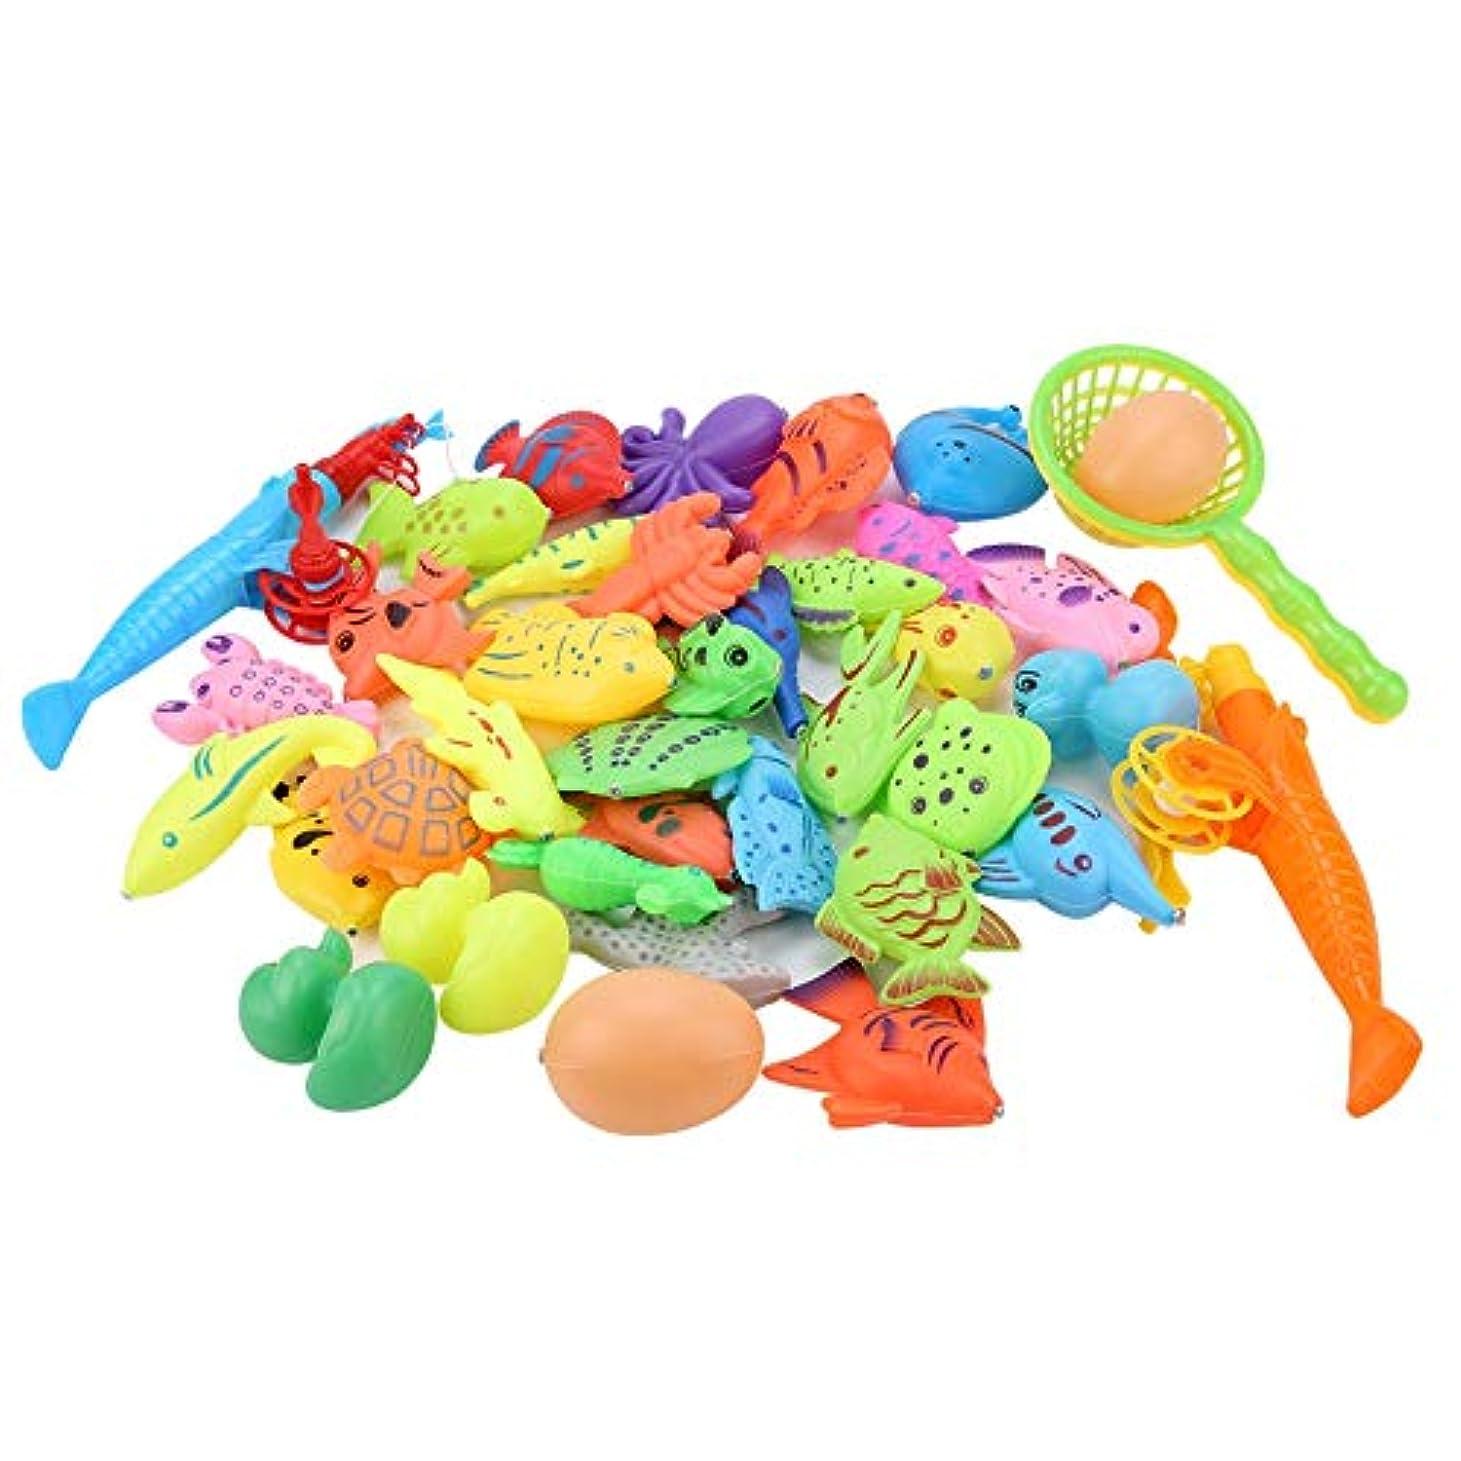 散文眠るり鮮やかな色の磁気赤ちゃん釣りおもちゃ、赤ちゃんのための魚のおもちゃ、3歳以上の赤ちゃんのためのあなたの小さな男の子と女の子